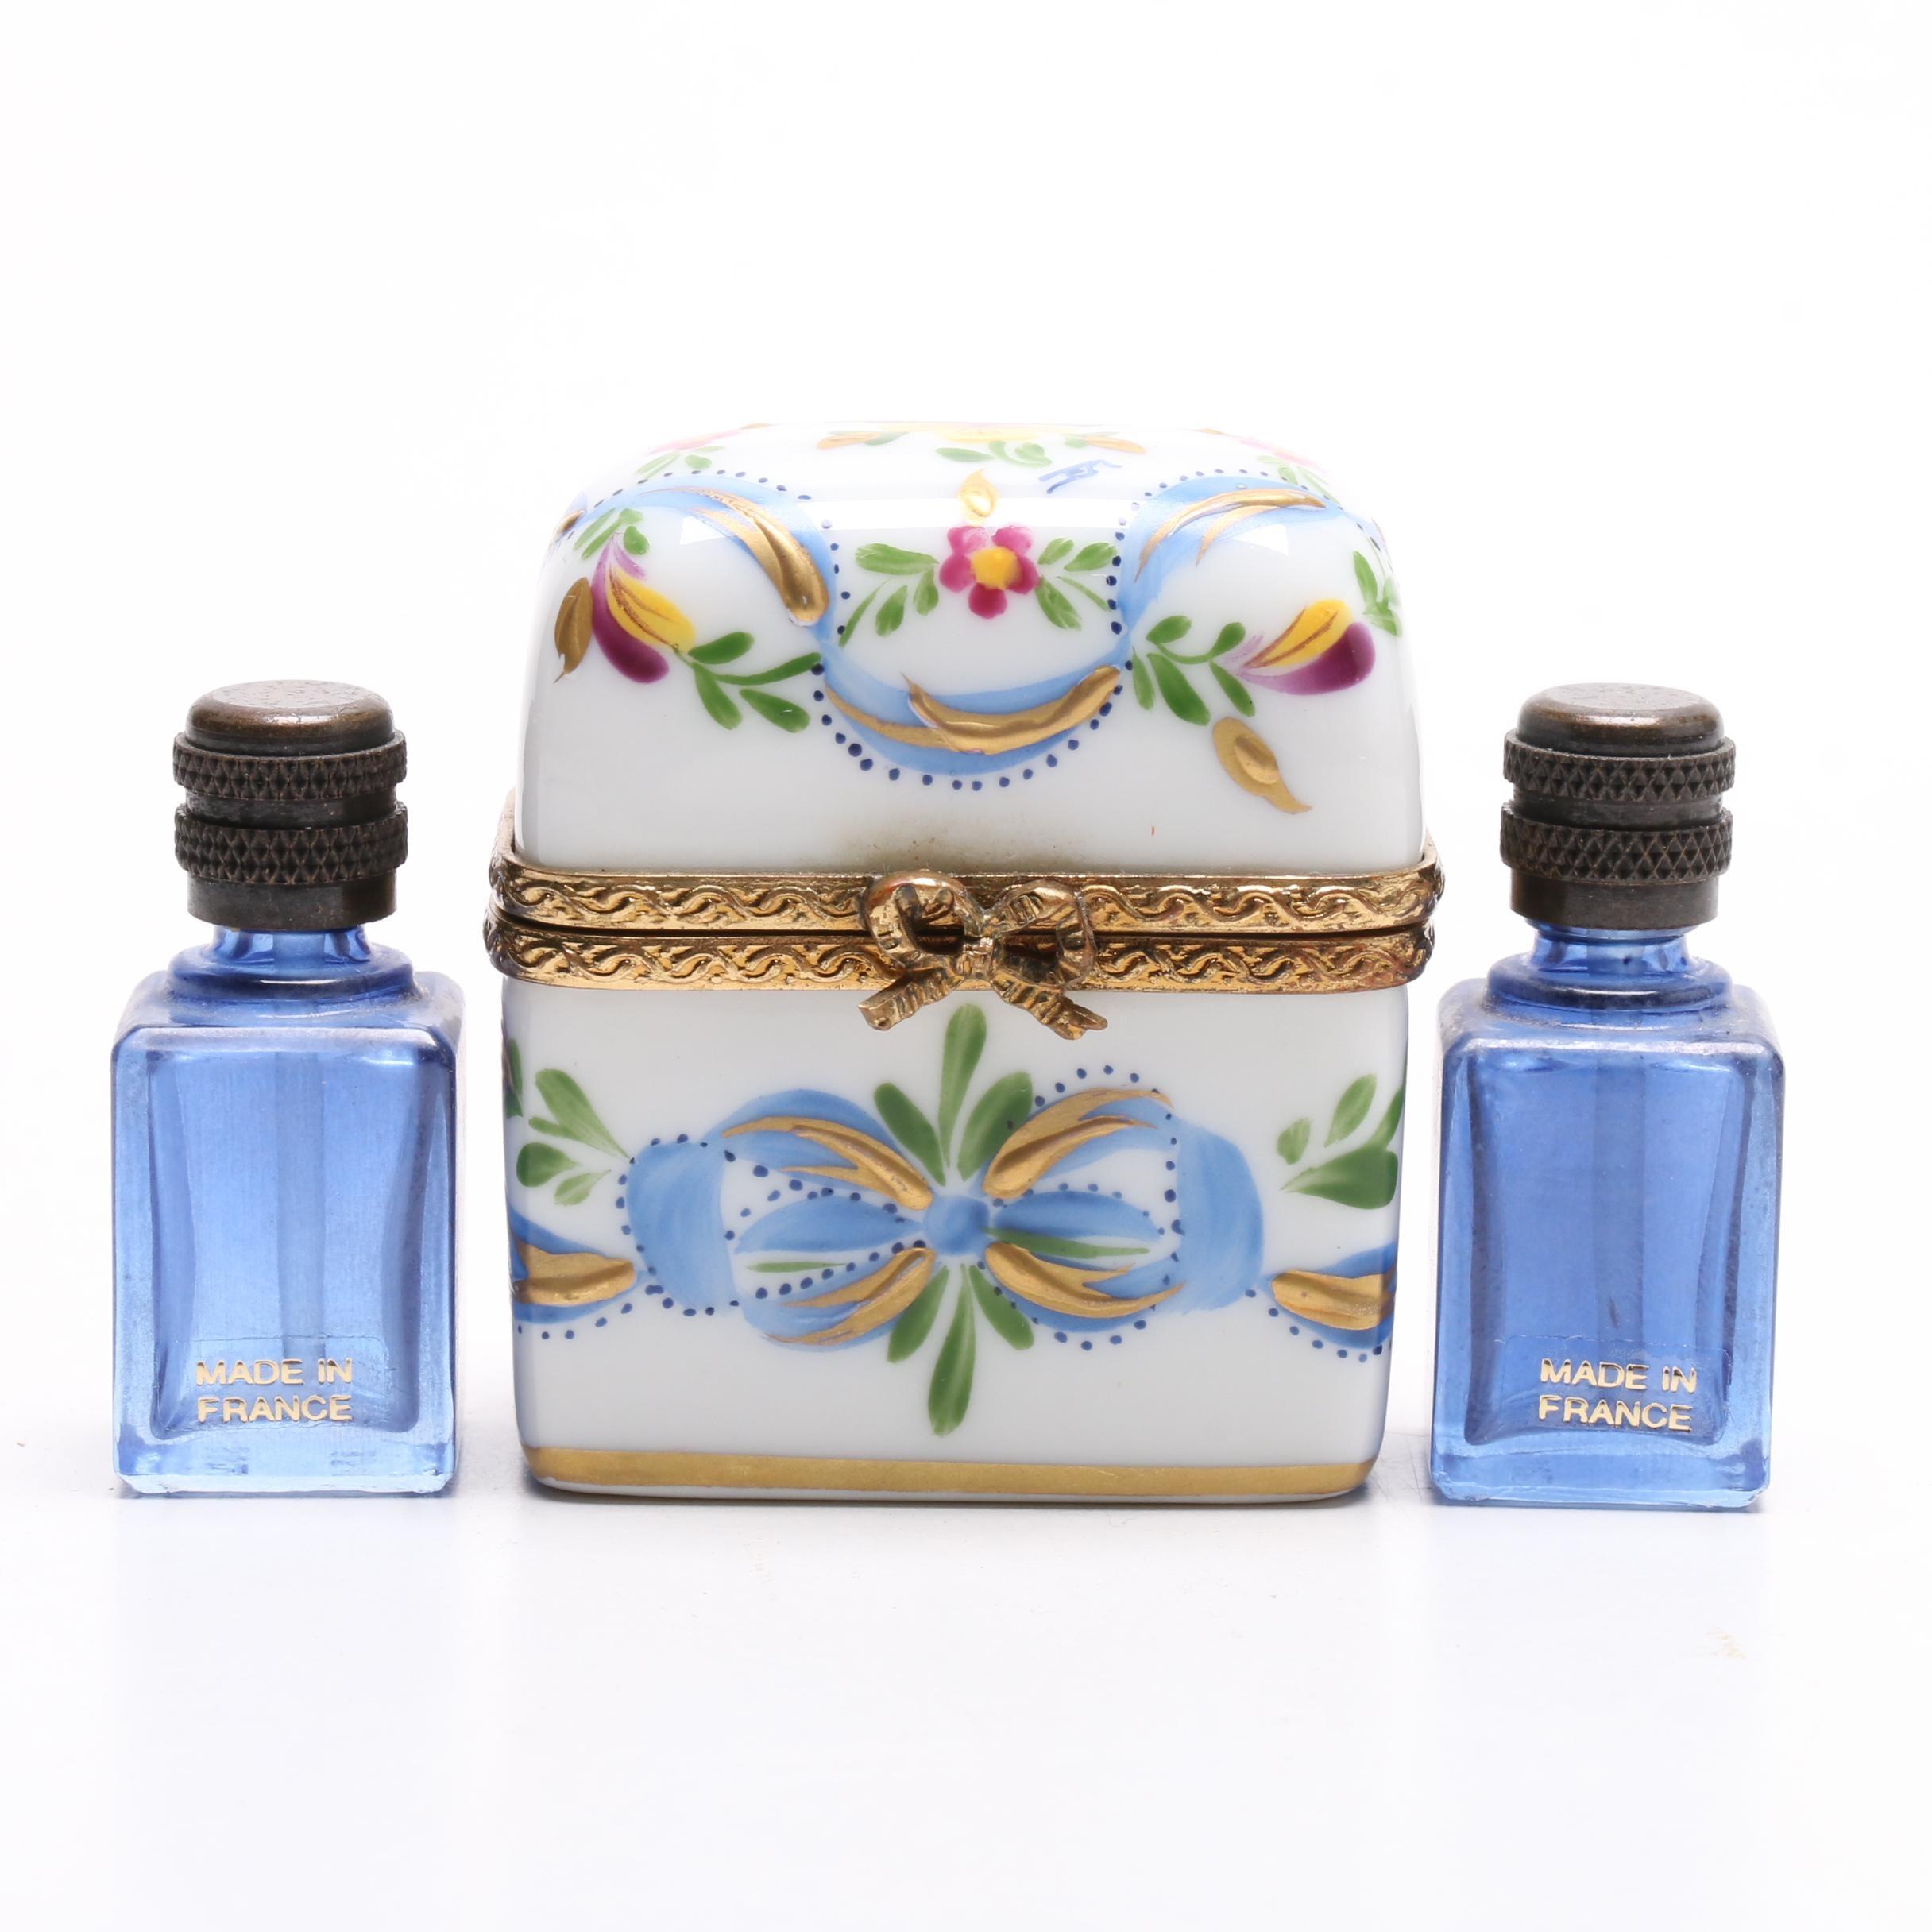 Limoges Porcelain Casket with Glass Perfume Bottles